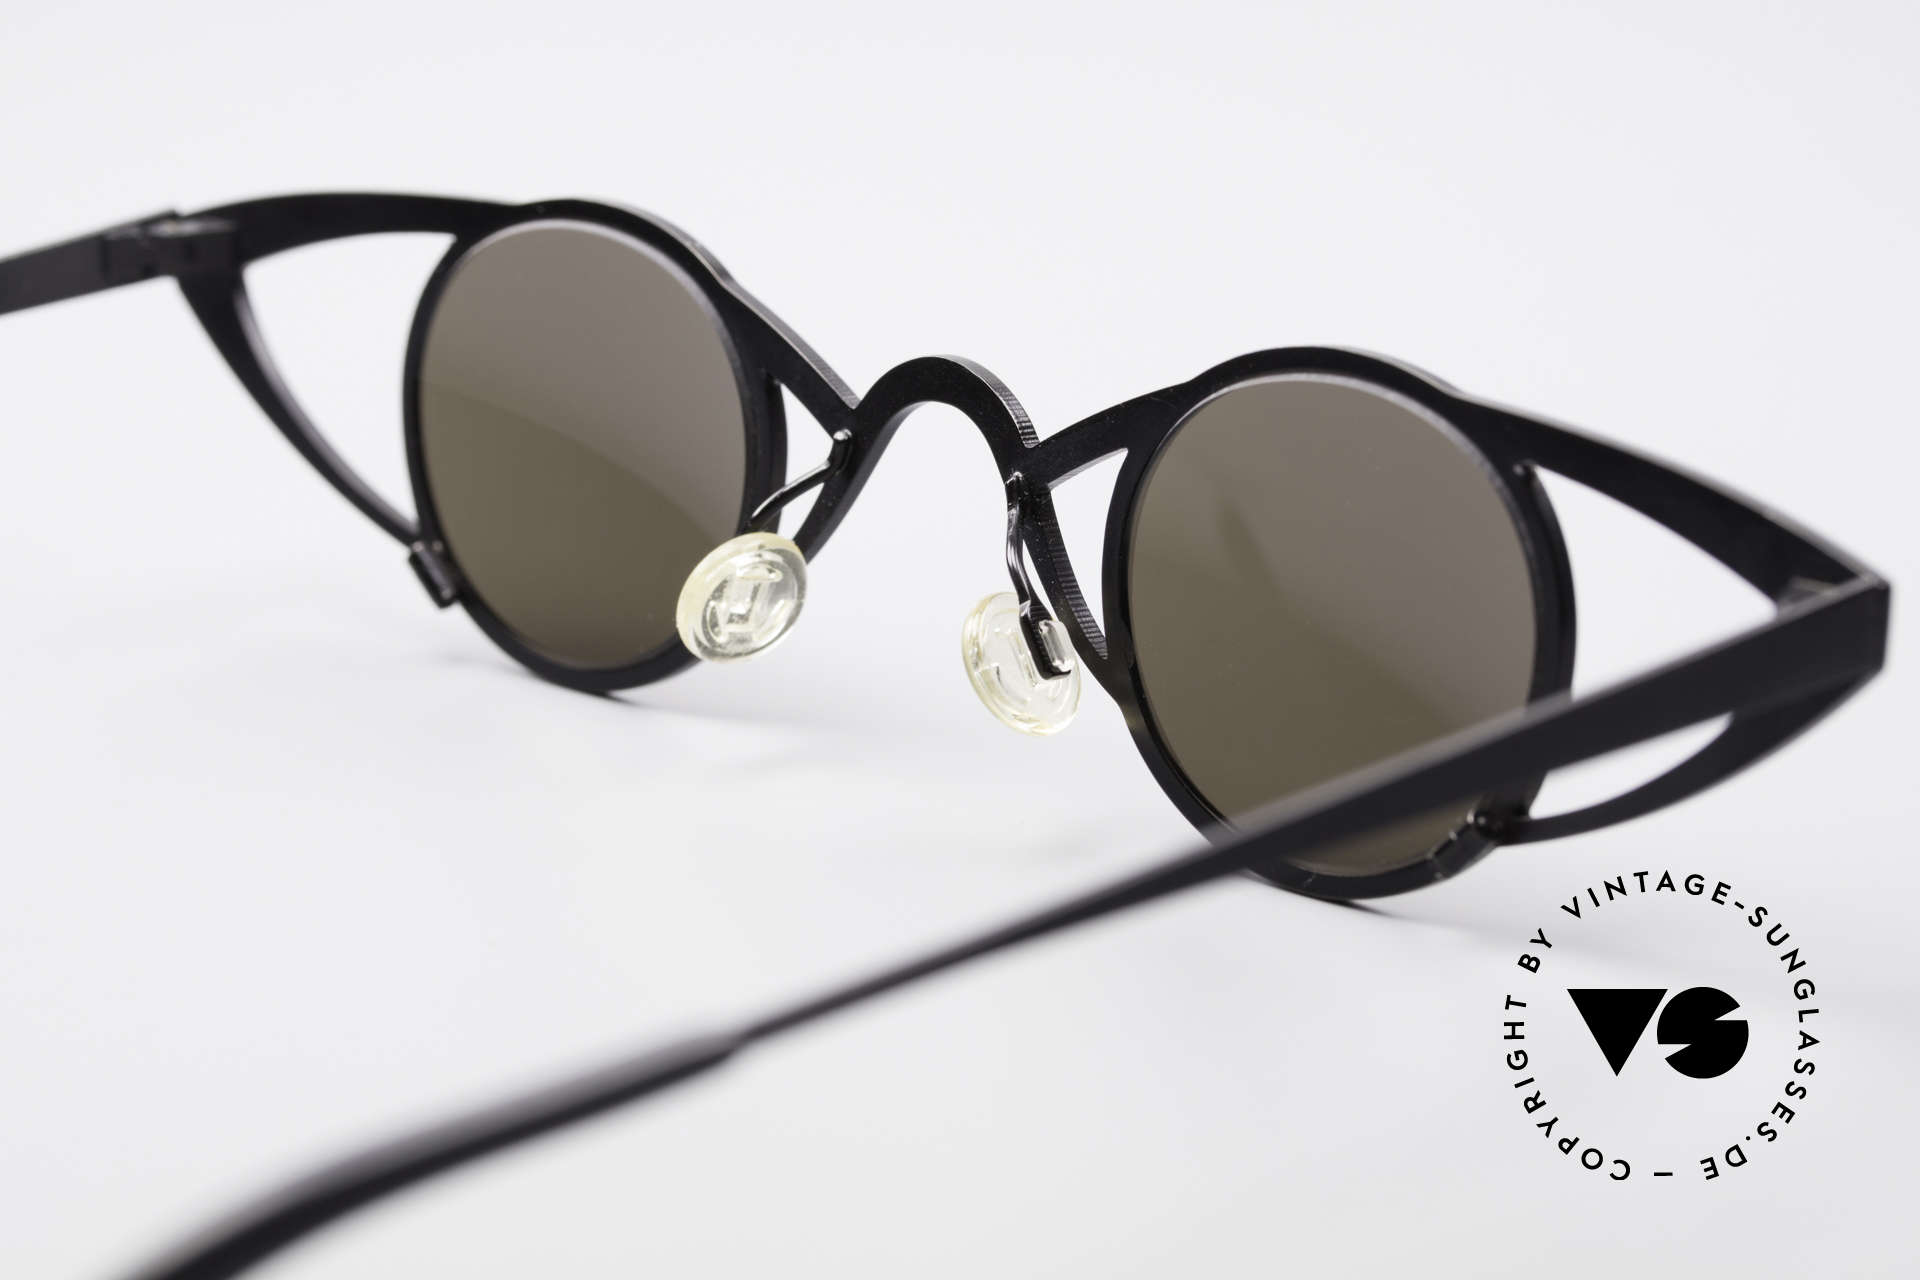 Theo Belgium Saturnus Round Designer Sunglasses, Size: large, Made for Women